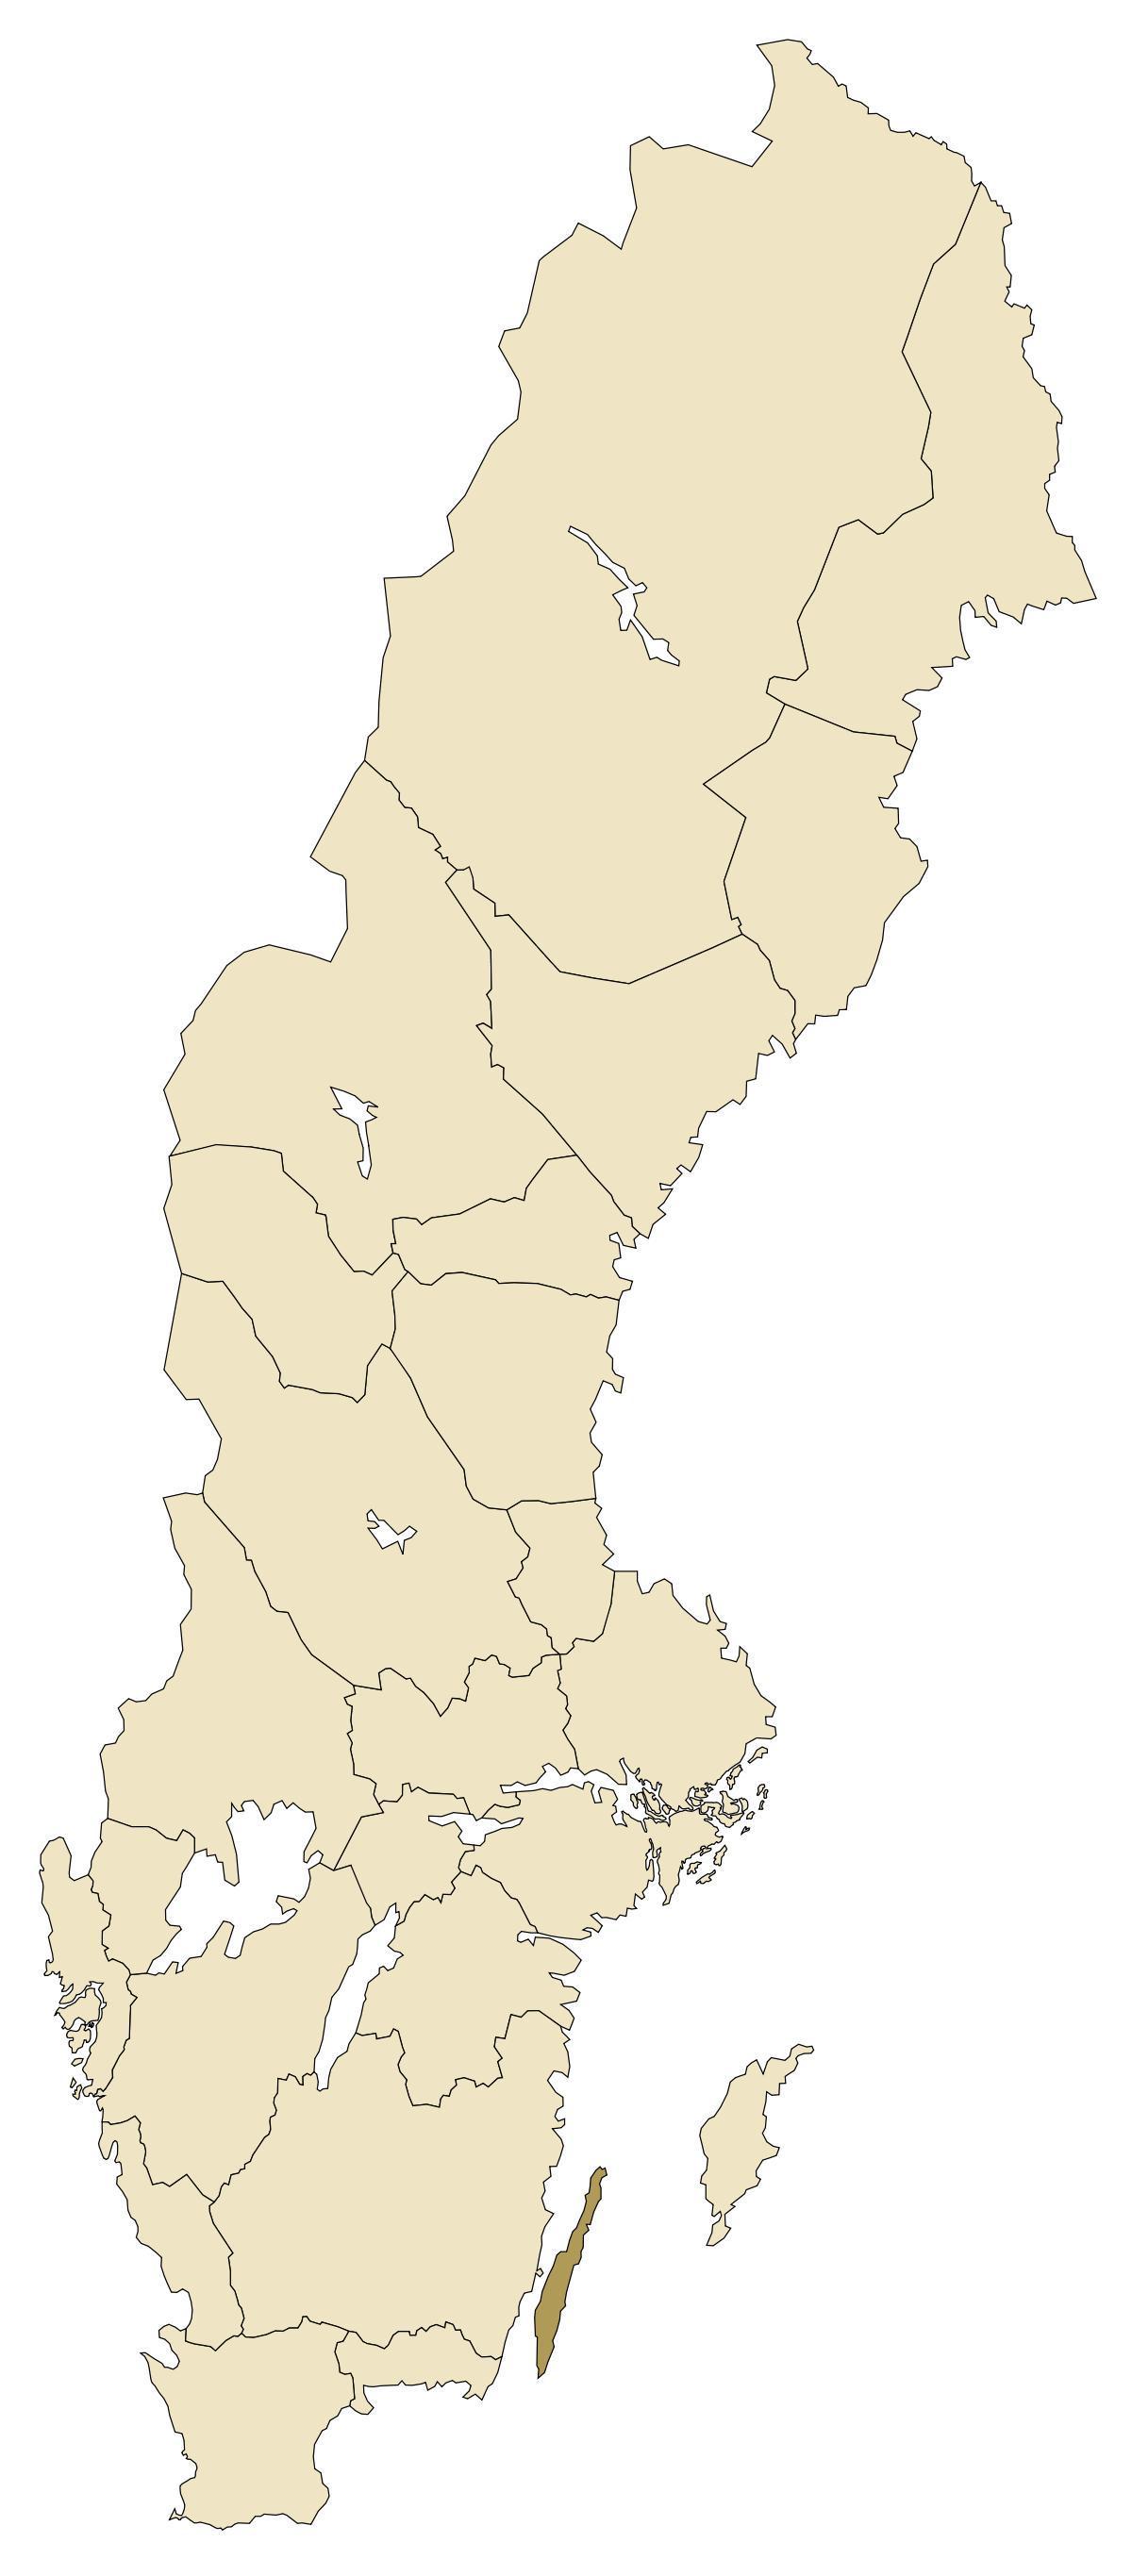 kart over øland sverige Oland Sverige kart   Kart over Oland Sverige (Nord Europa   Europa) kart over øland sverige